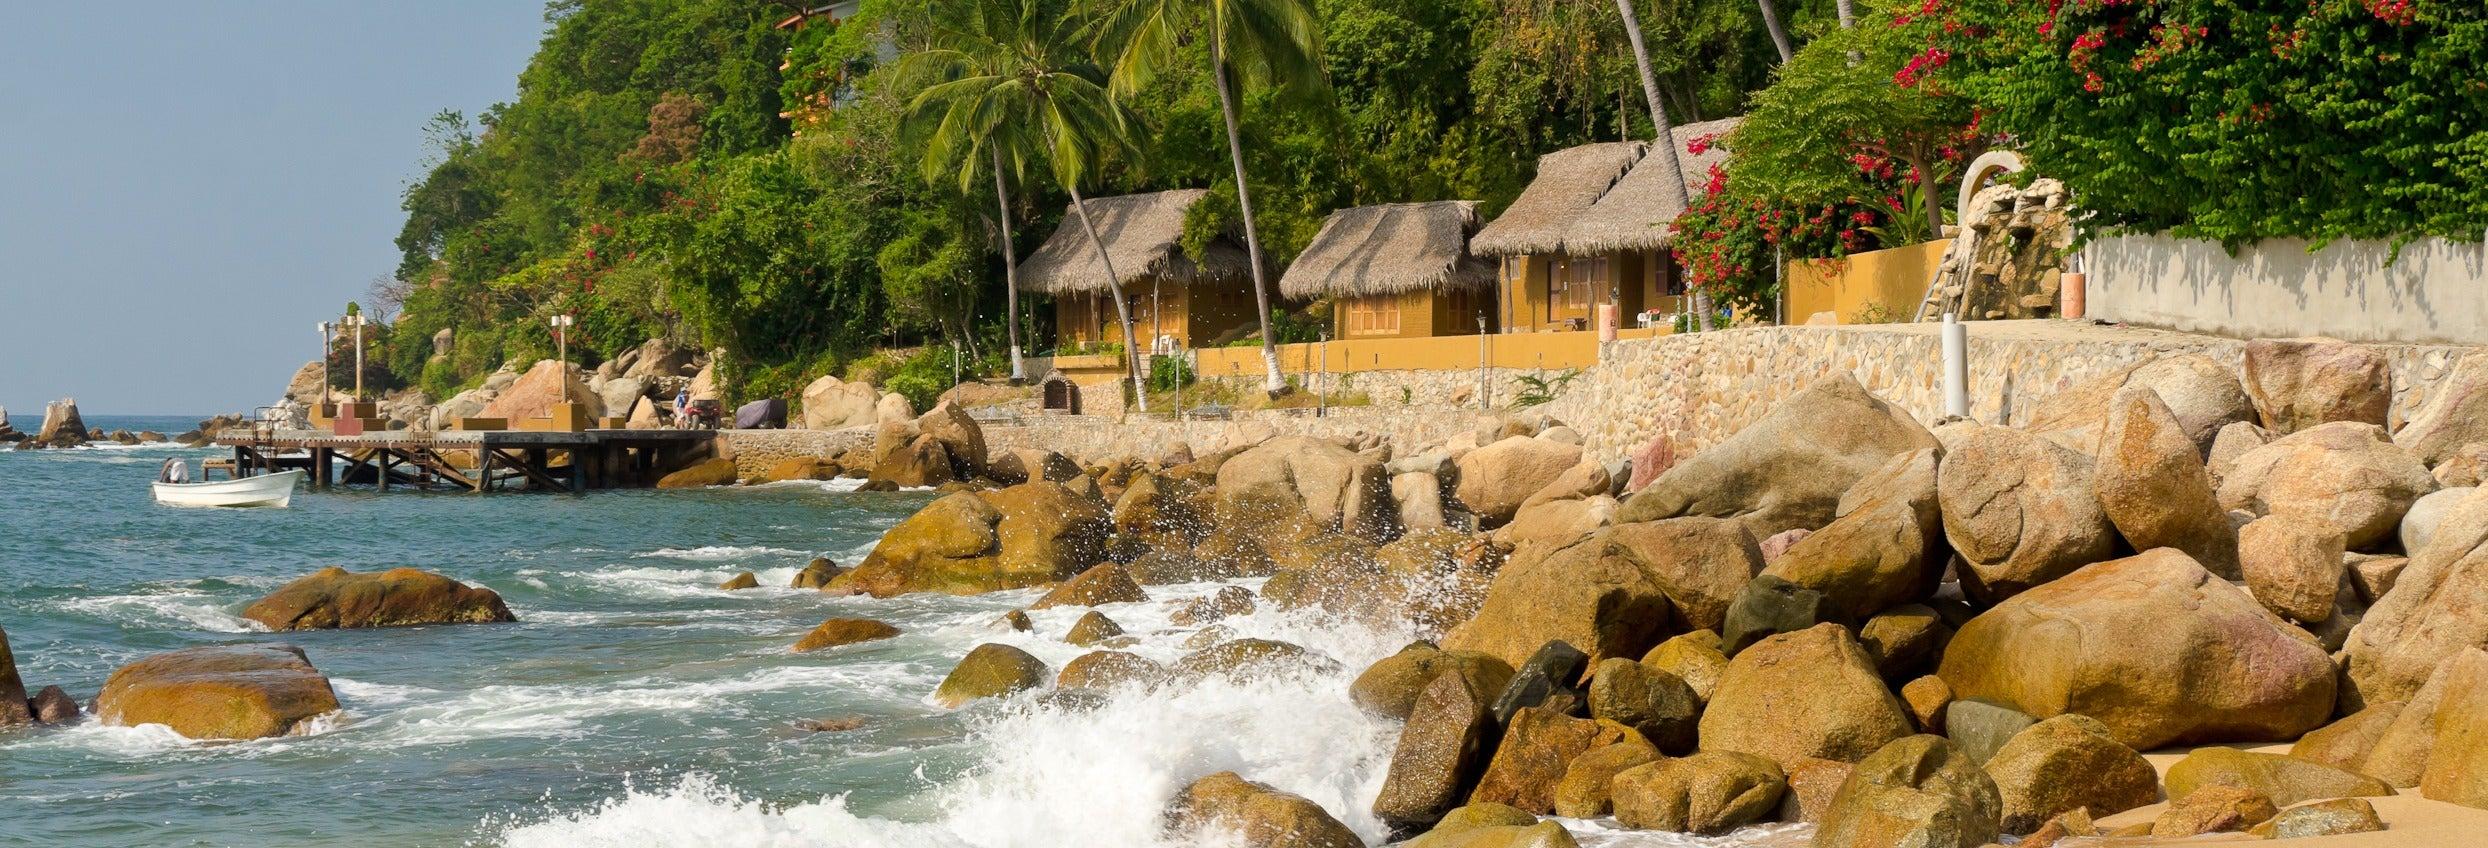 Excursão a Majahuitas e Yelapa